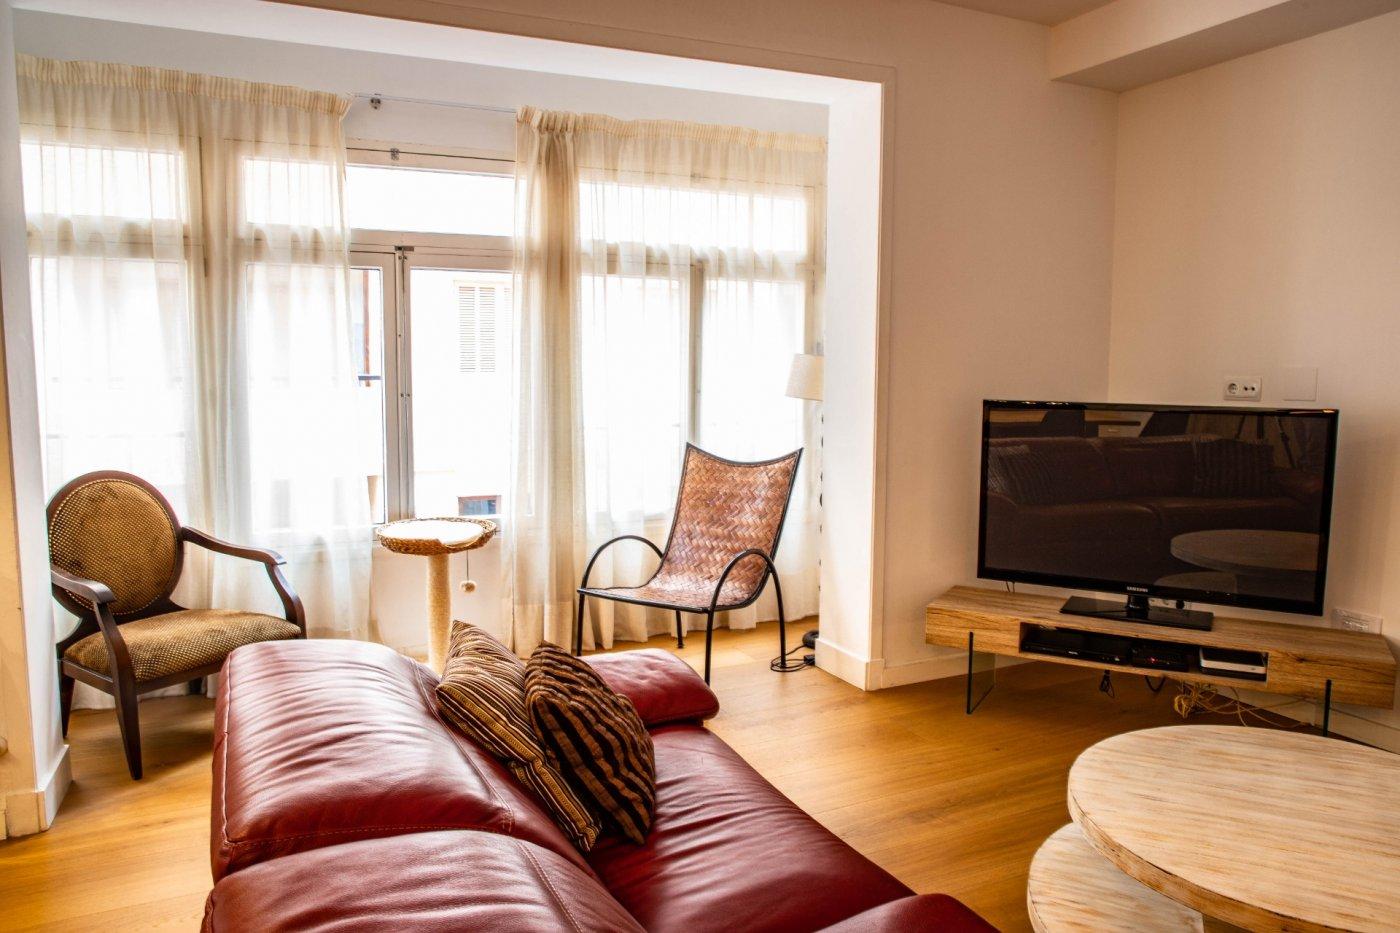 Excelente piso en muy buena ubicacion - imagenInmueble1